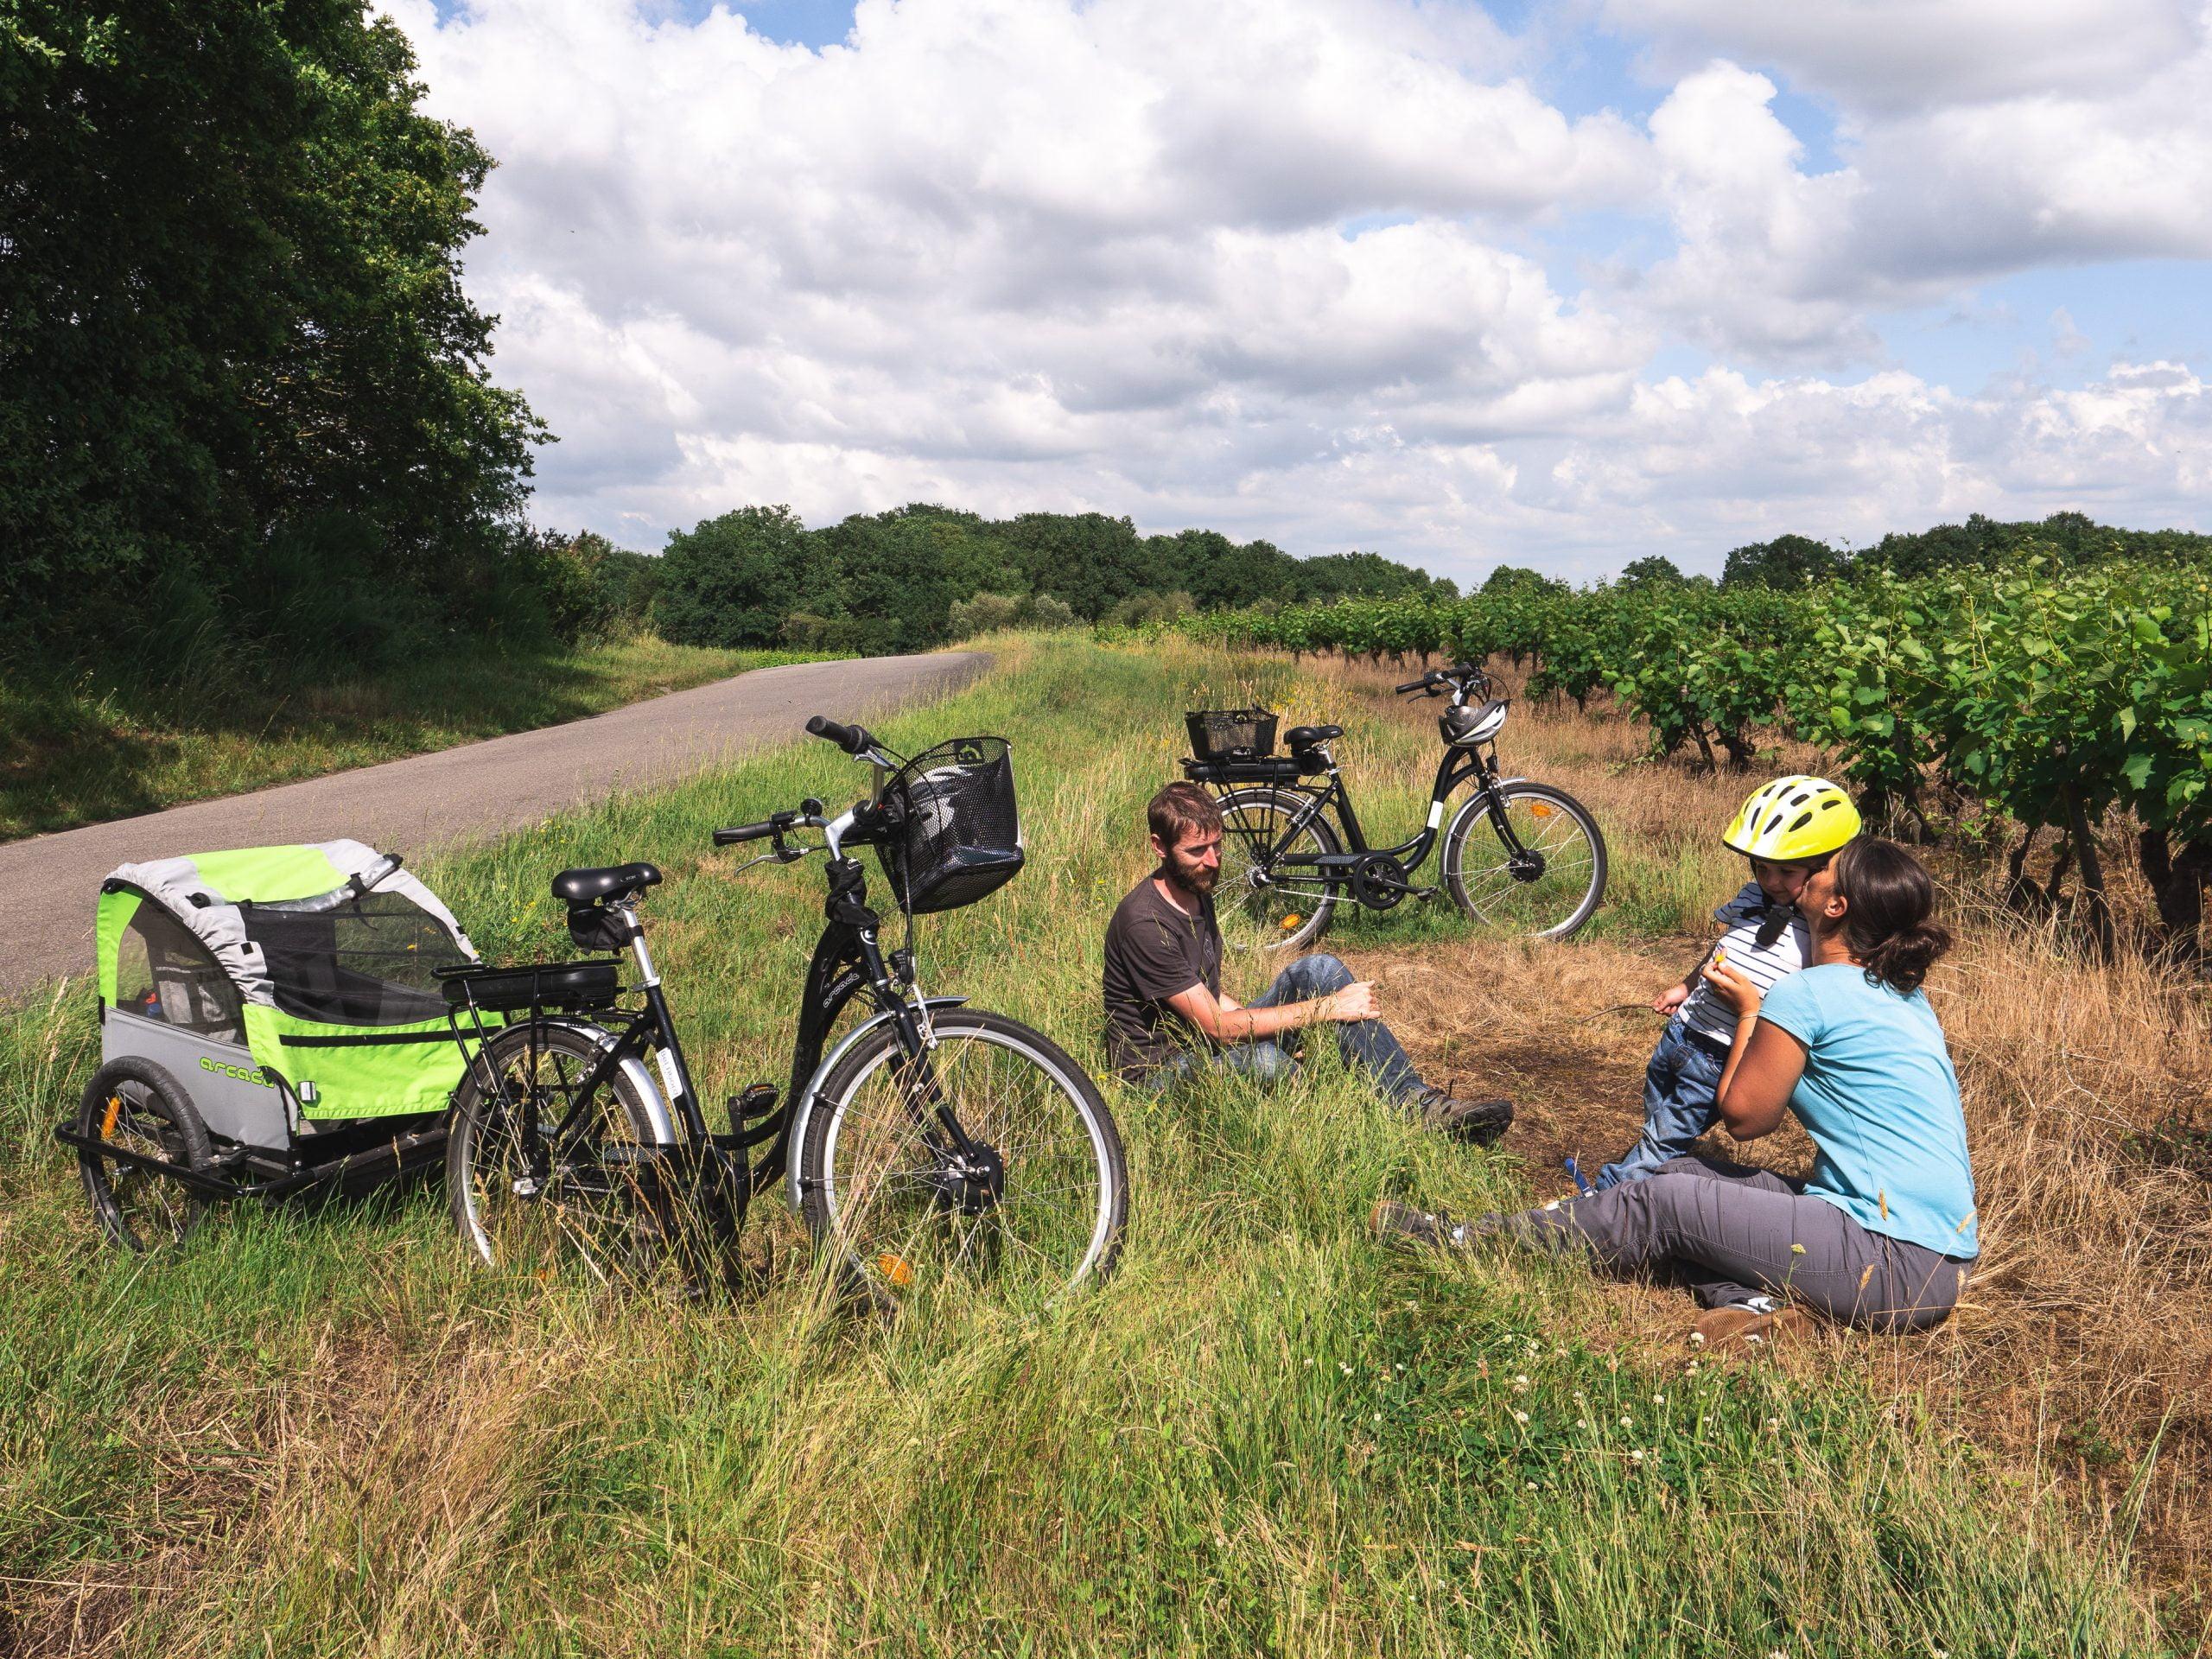 Vignoble vélo vignes pause famille ter scaled - Les globe blogueurs - blog voyage nature